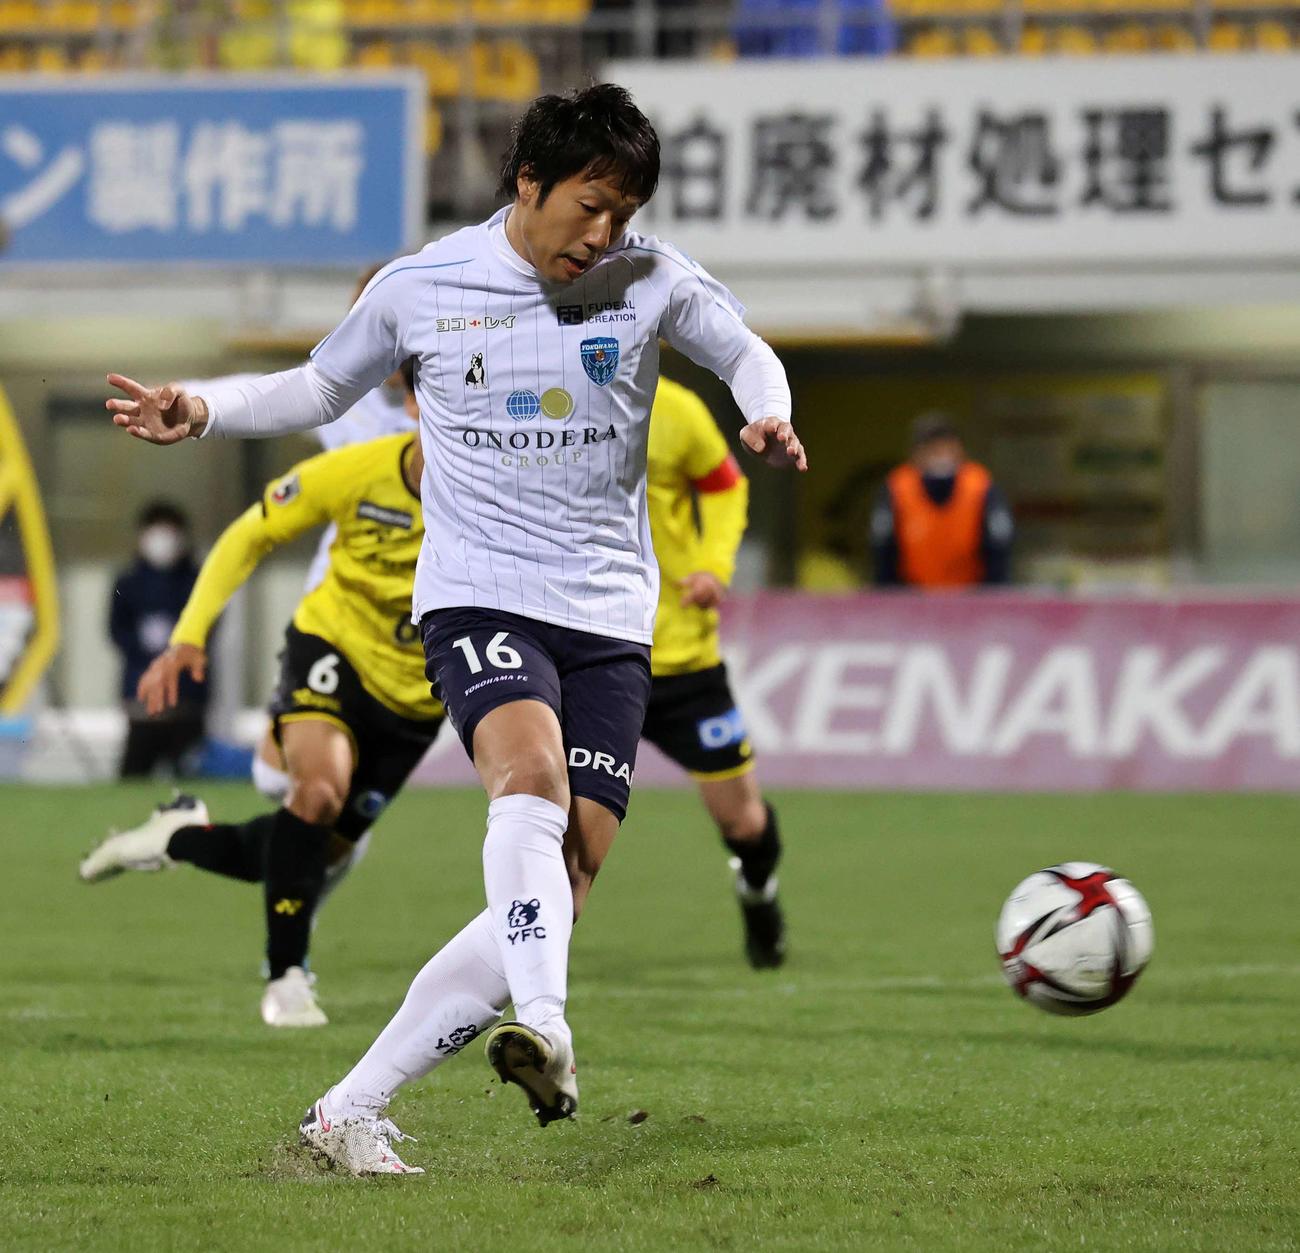 柏対横浜FC 後半、PKを決める横浜FC・FW伊藤(撮影・鈴木正人)